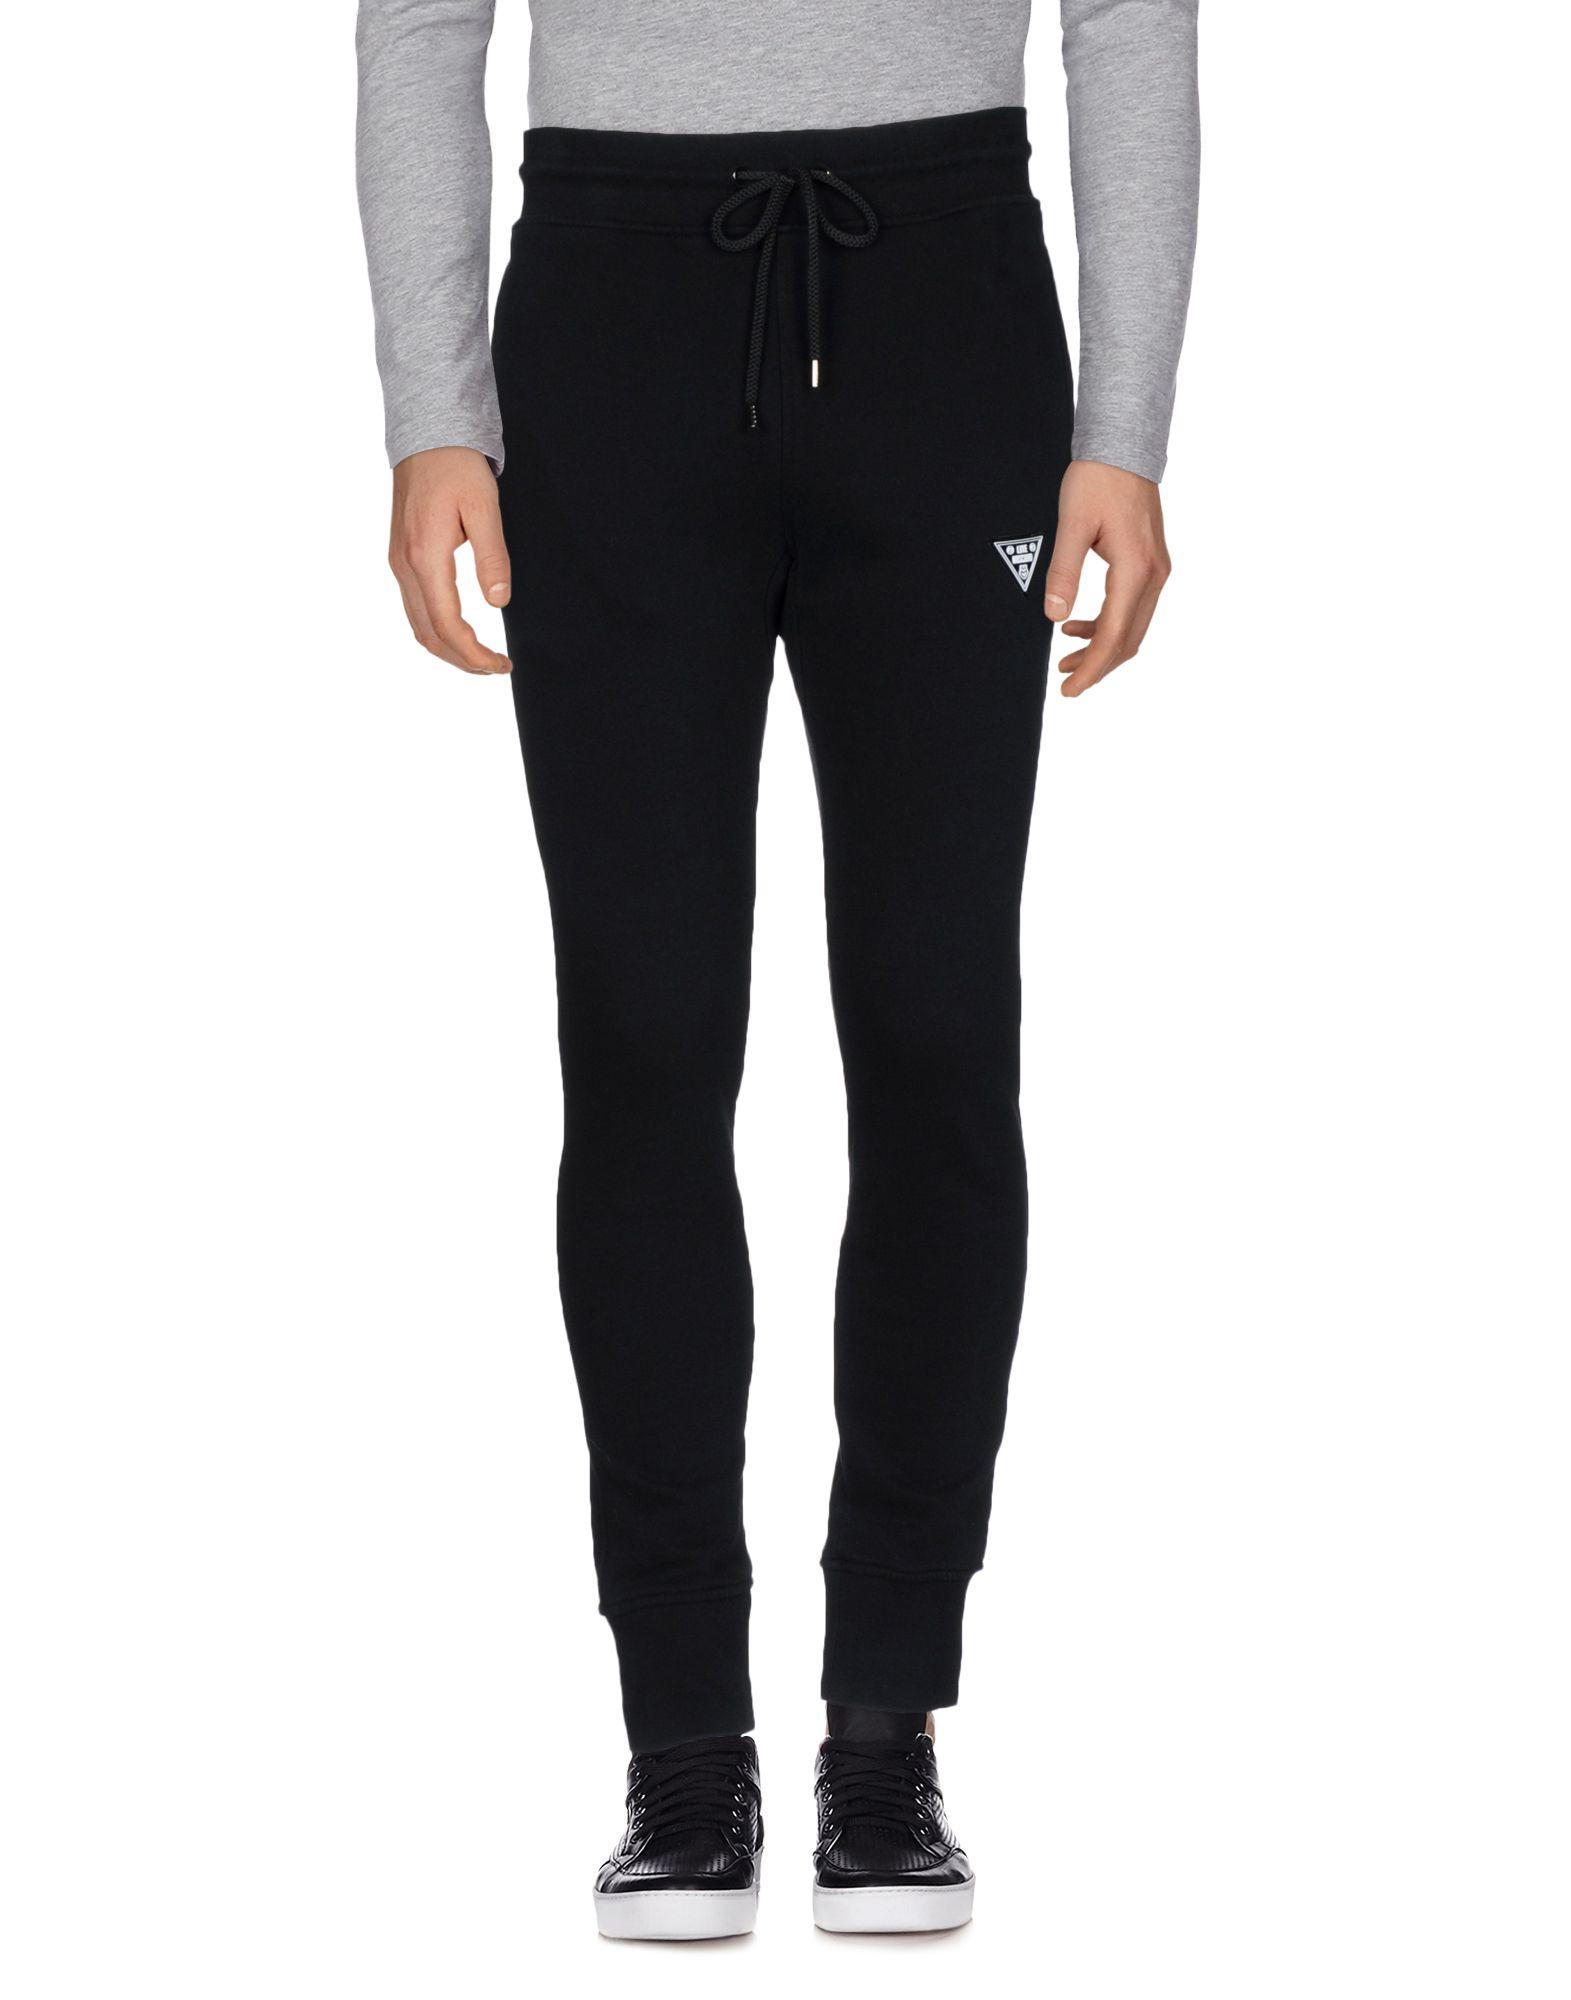 《送料無料》LOVE MOSCHINO メンズ パンツ ブラック 3XL コットン 100%